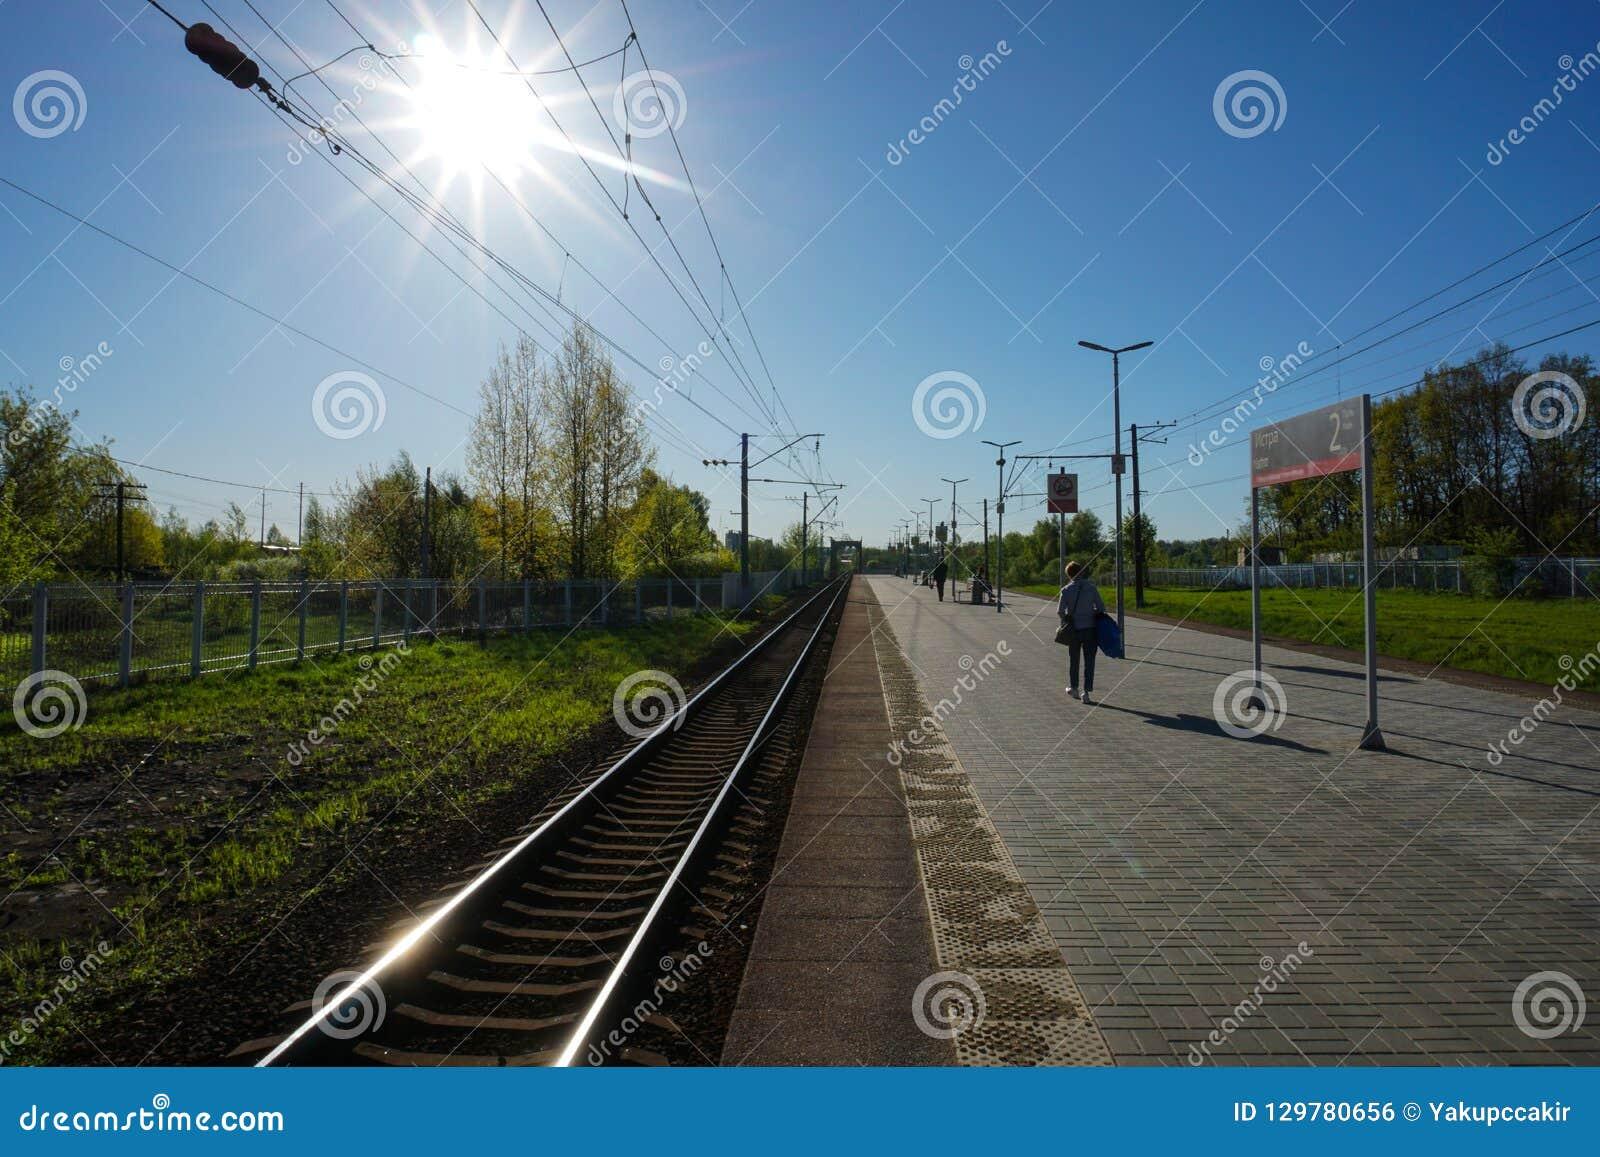 Moskau, Russland - Warten auf den Zug, um automatisch anzusteuern, Moskau-Stadtrände